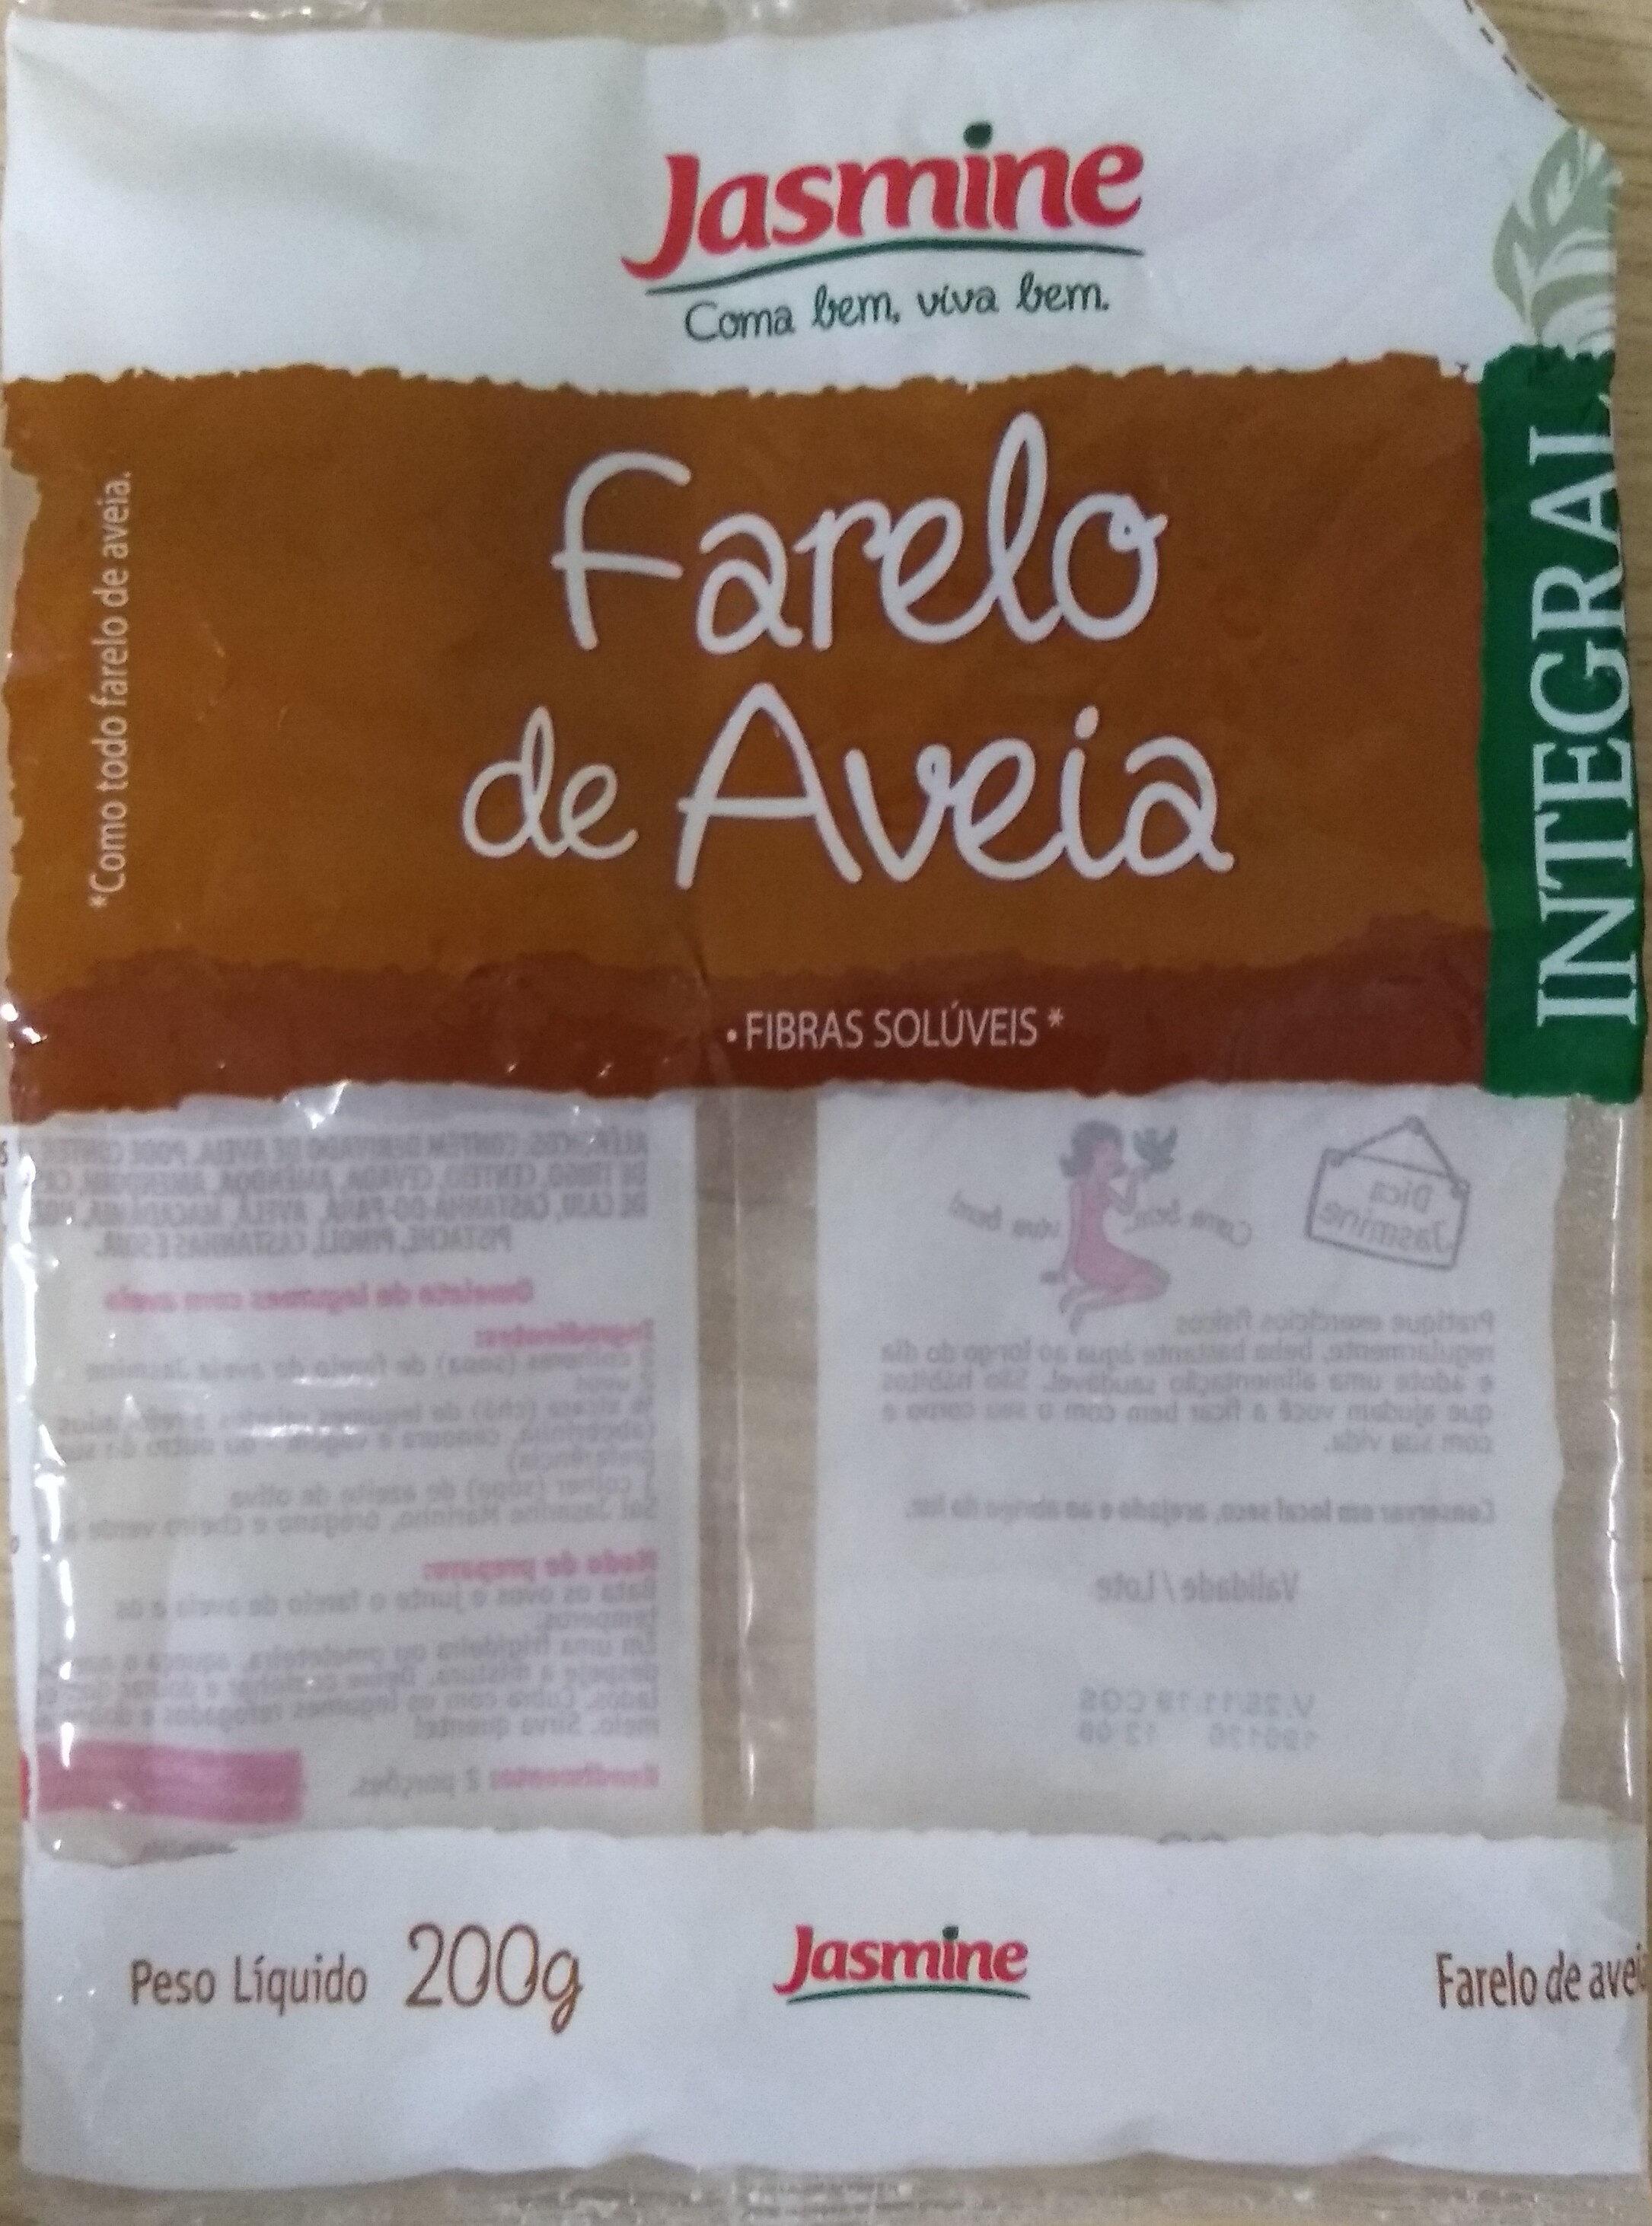 Farelo de Aveia - Product - pt